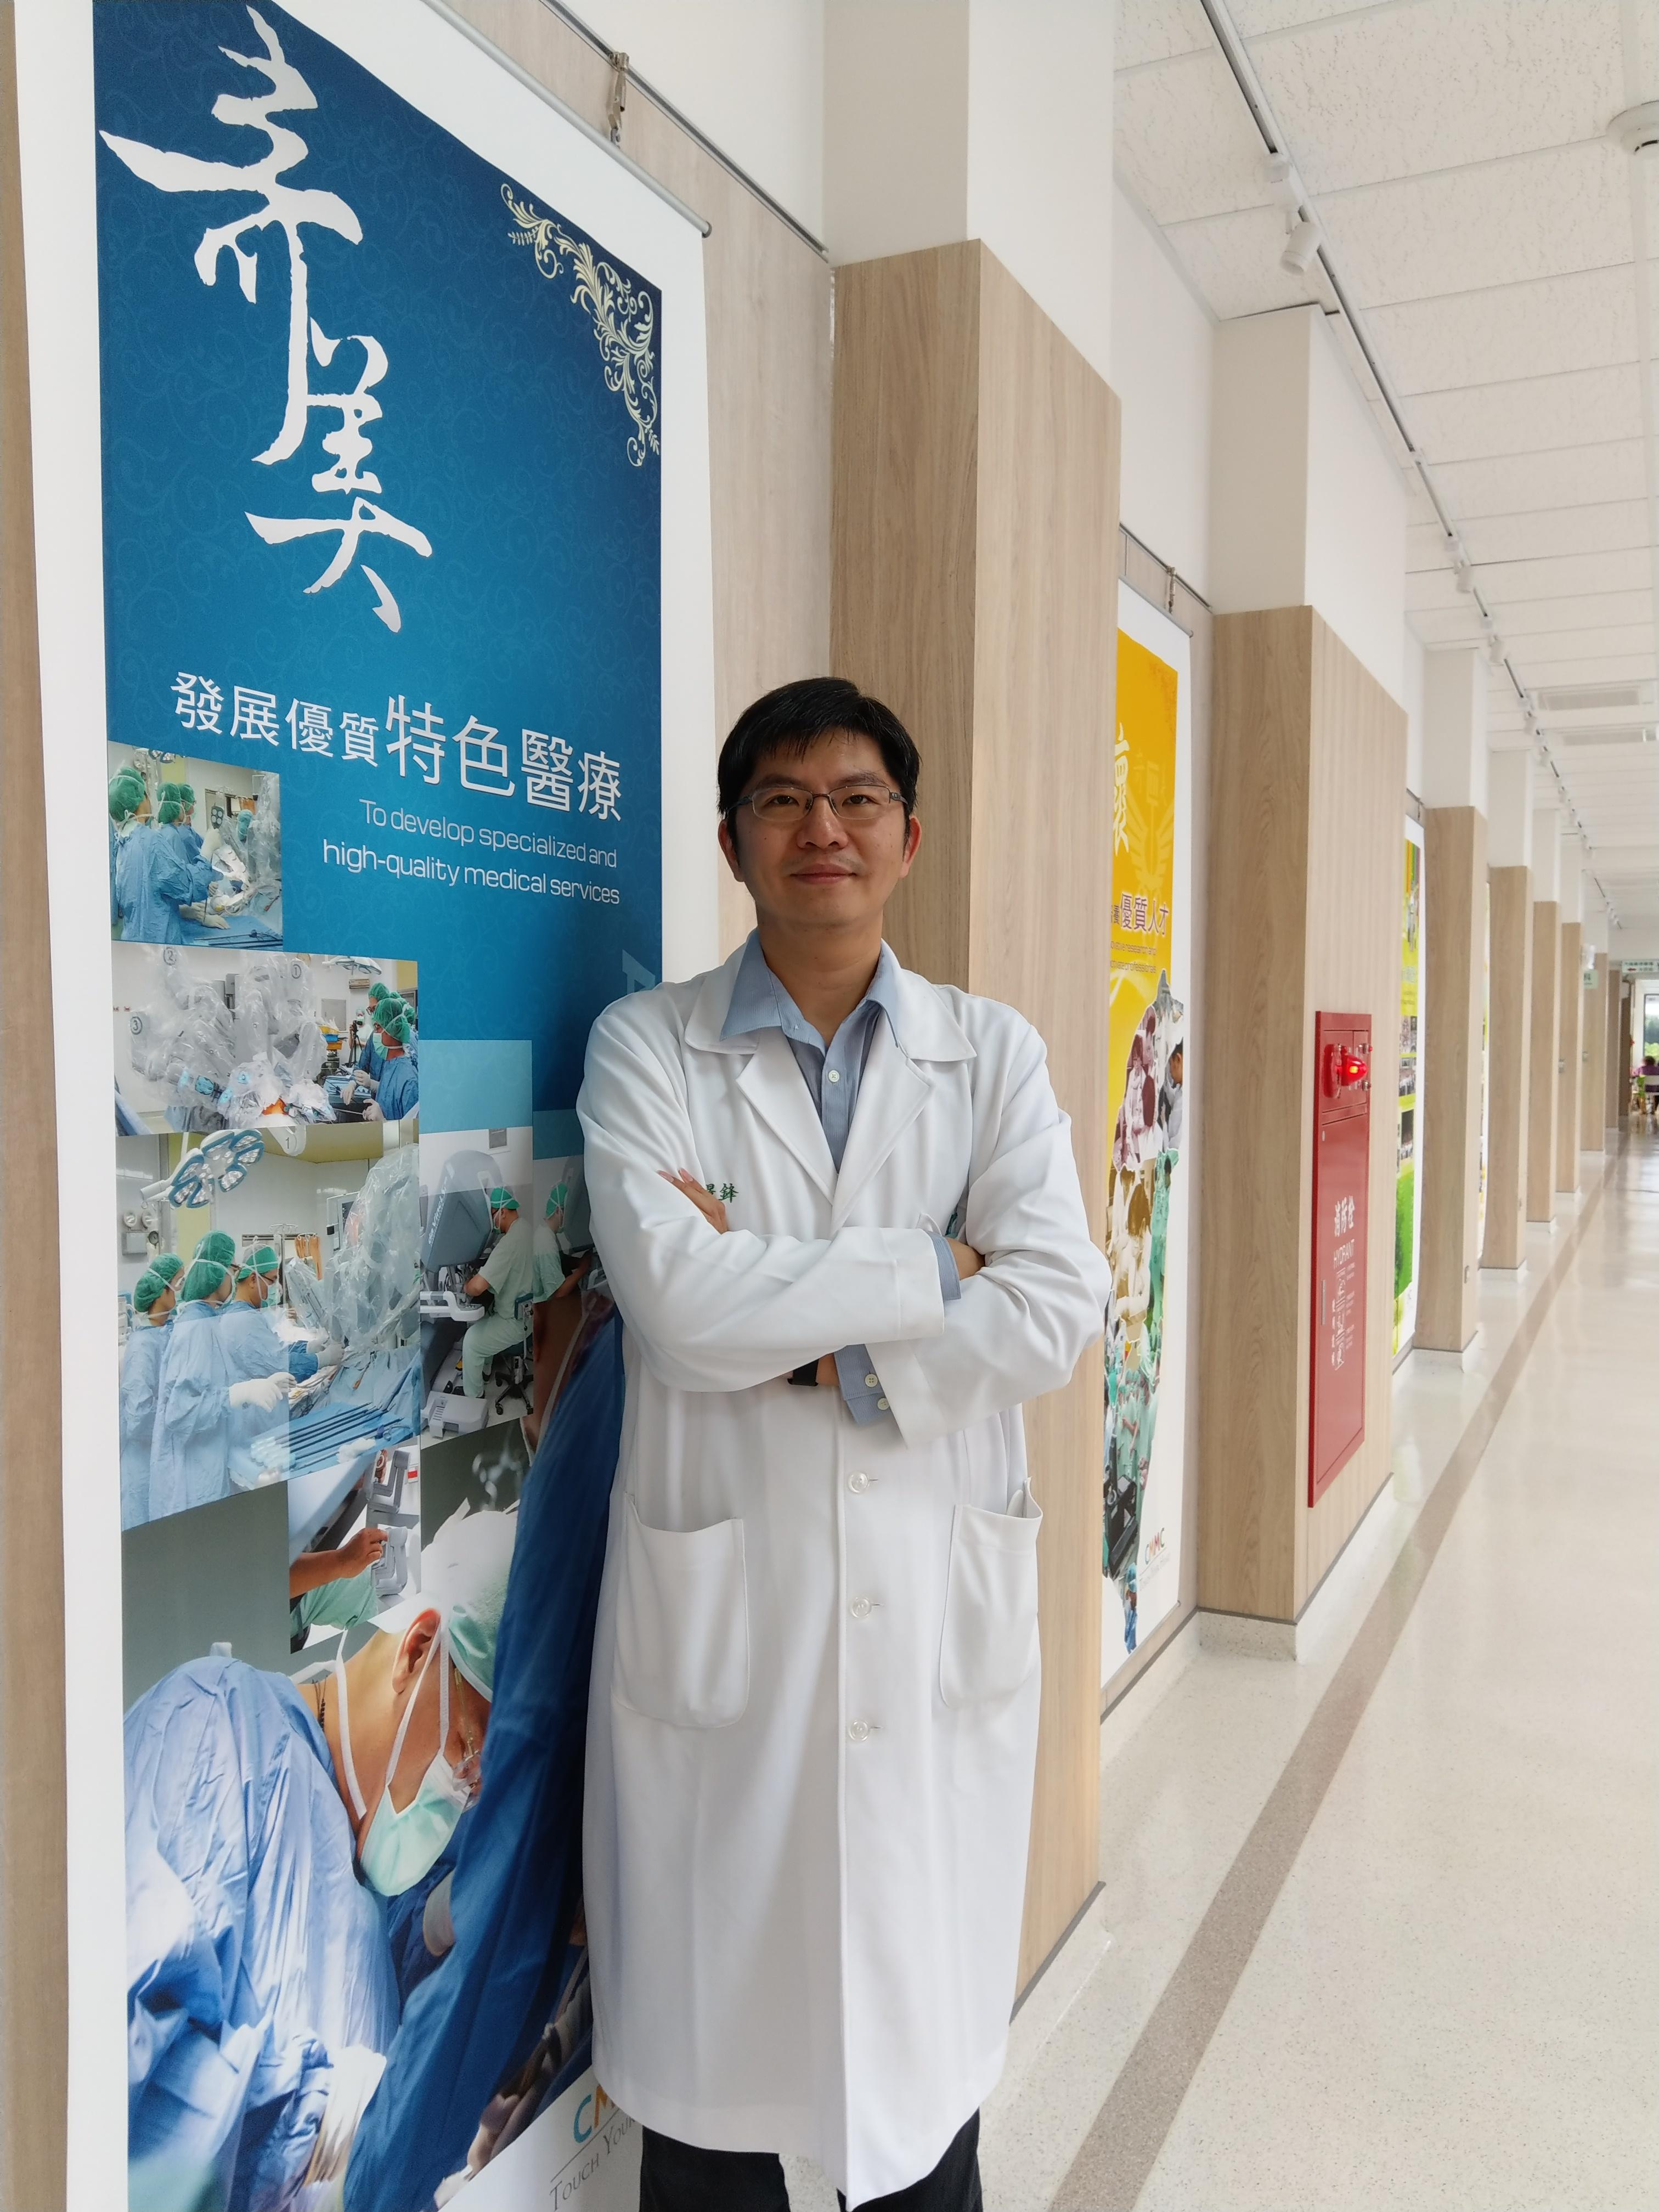 人工電子喉發明人---劉璟鋒主任